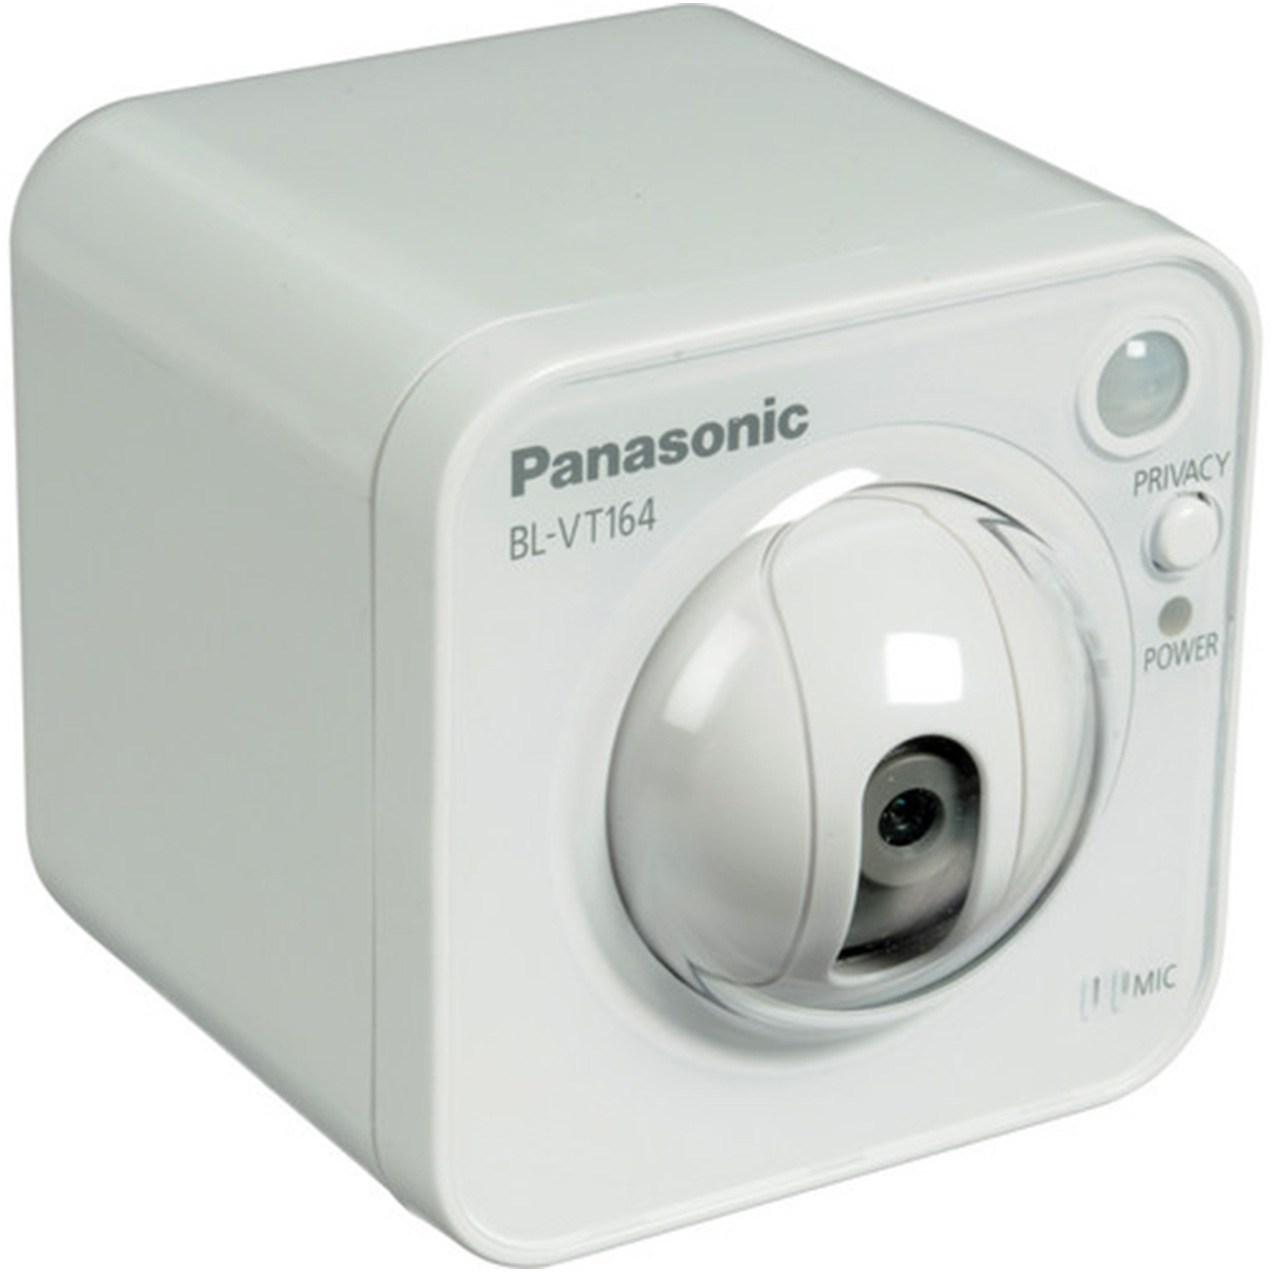 تصویر دوربین تحت شبکه پاناسونیک مدل BL-VT164E Panasonic BL-VT164E Network Camera